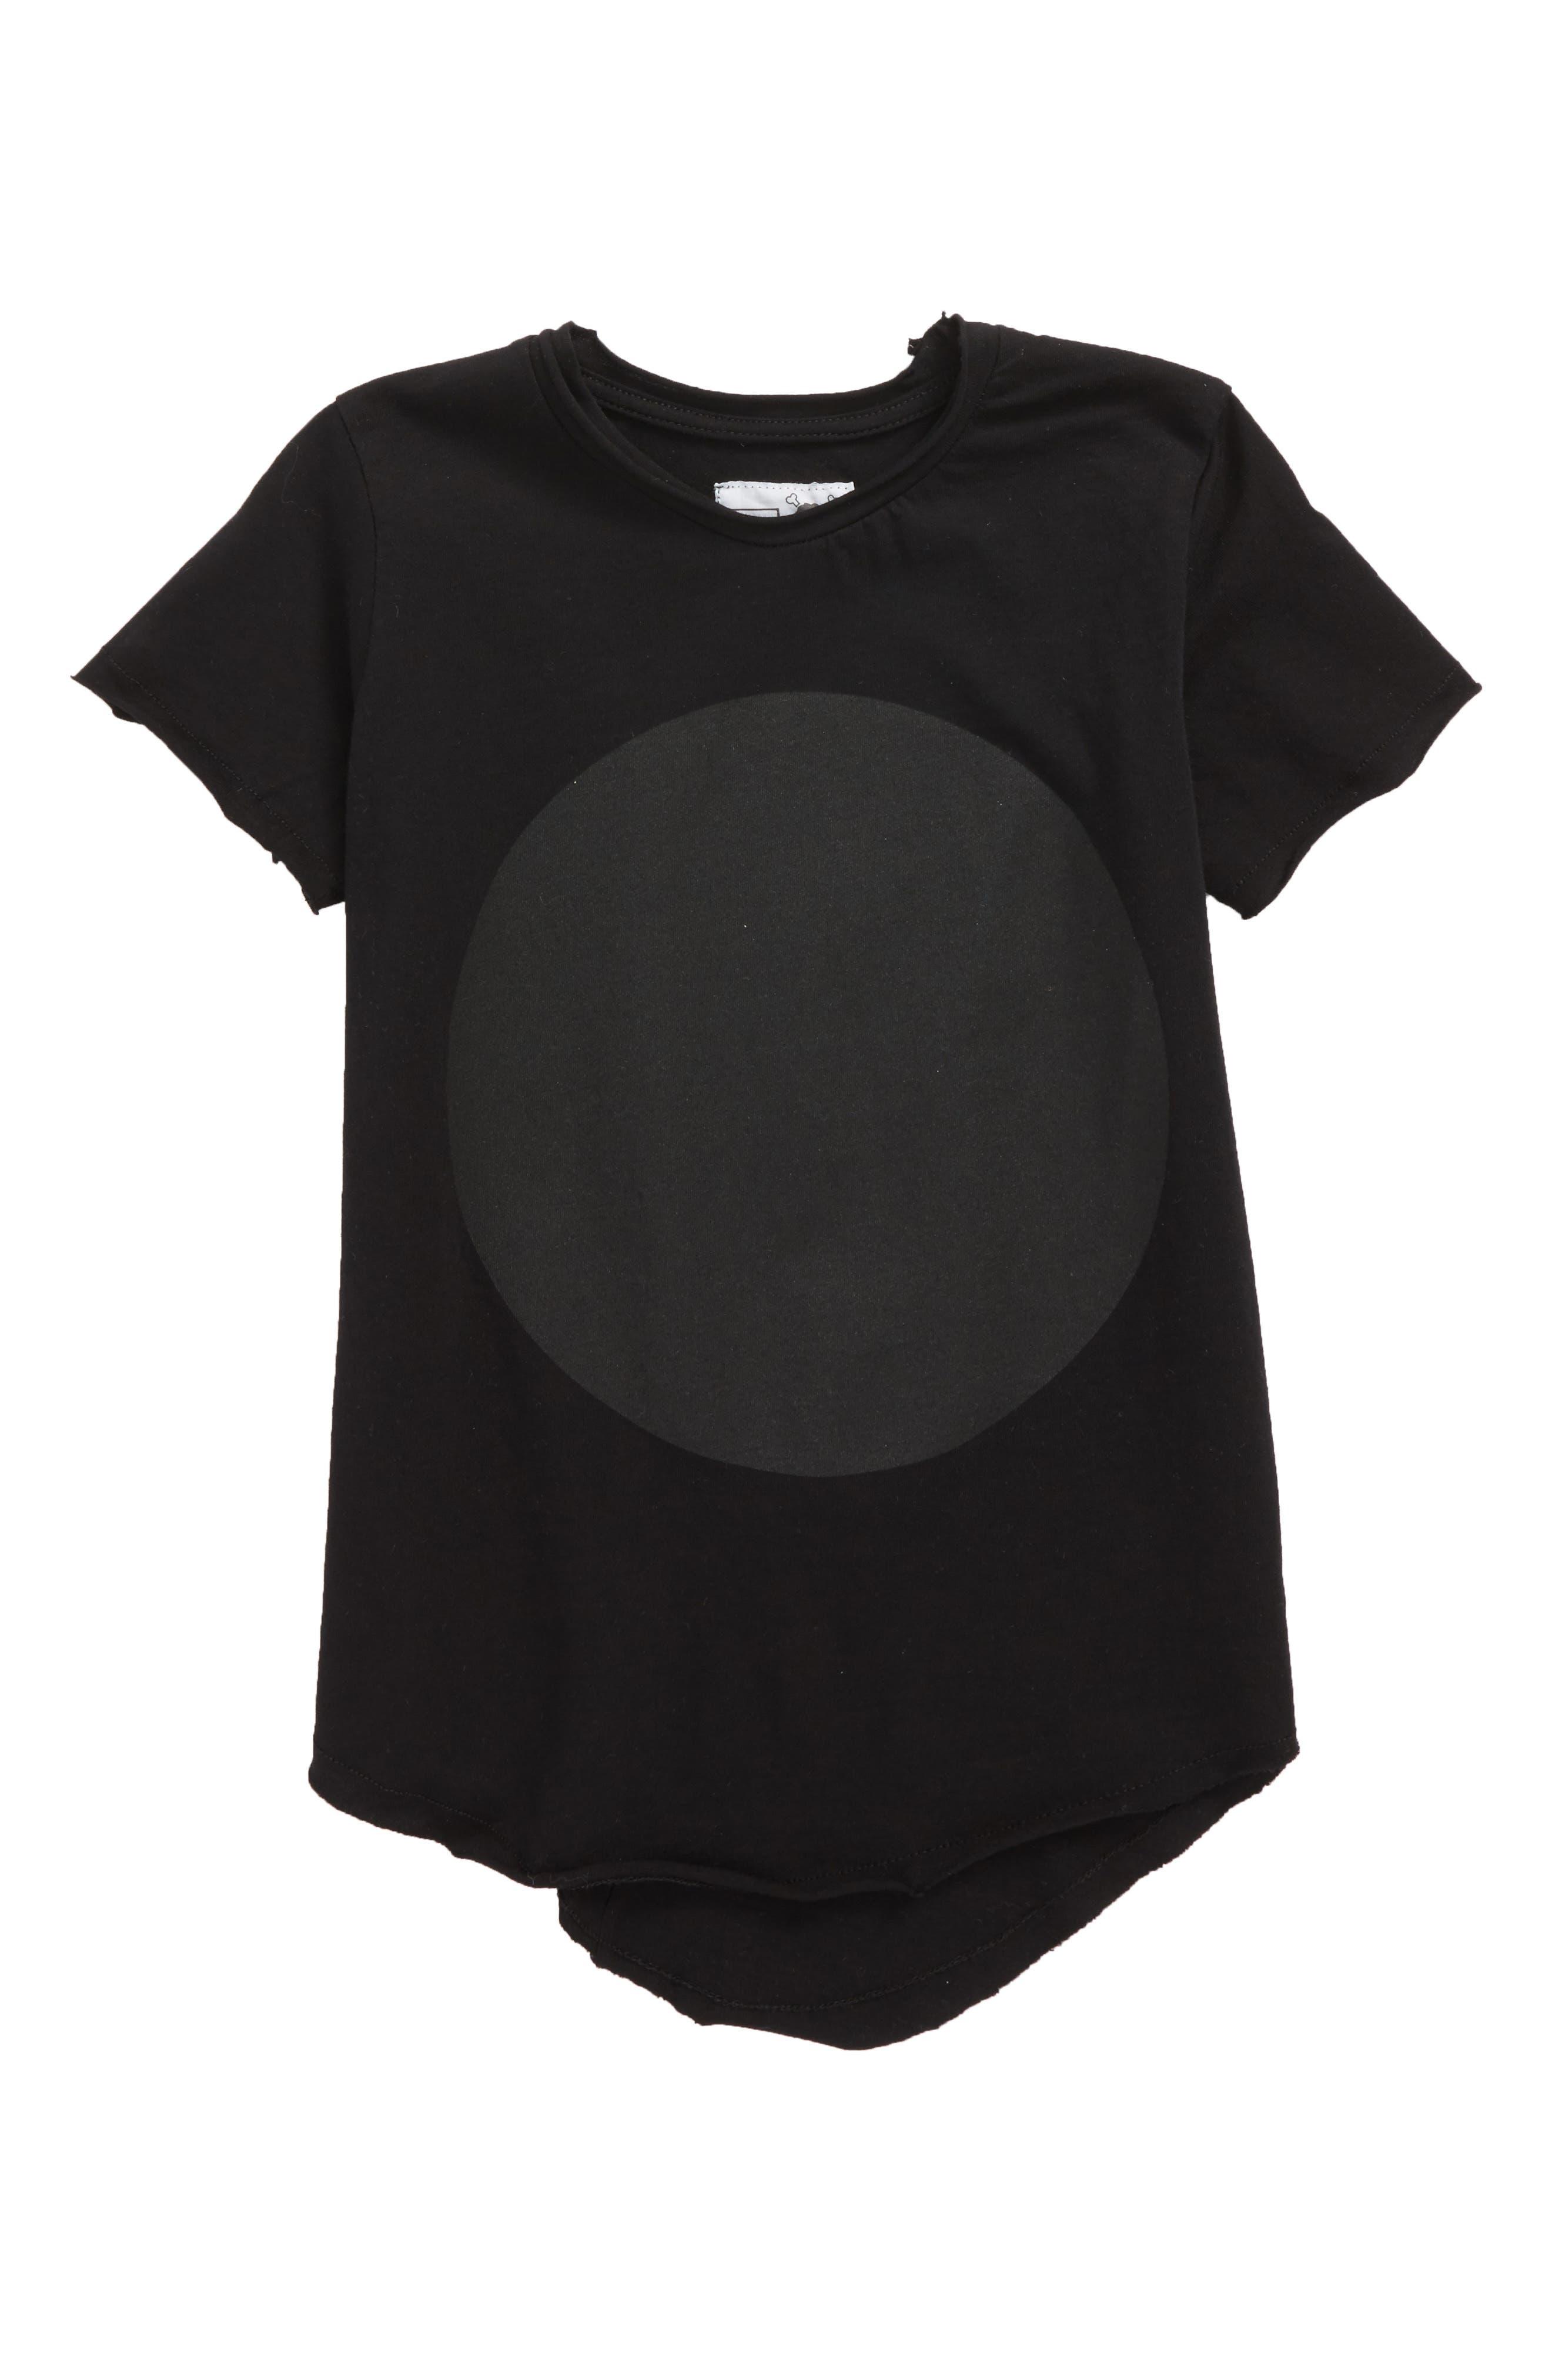 Circle Tee,                             Main thumbnail 1, color,                             Black